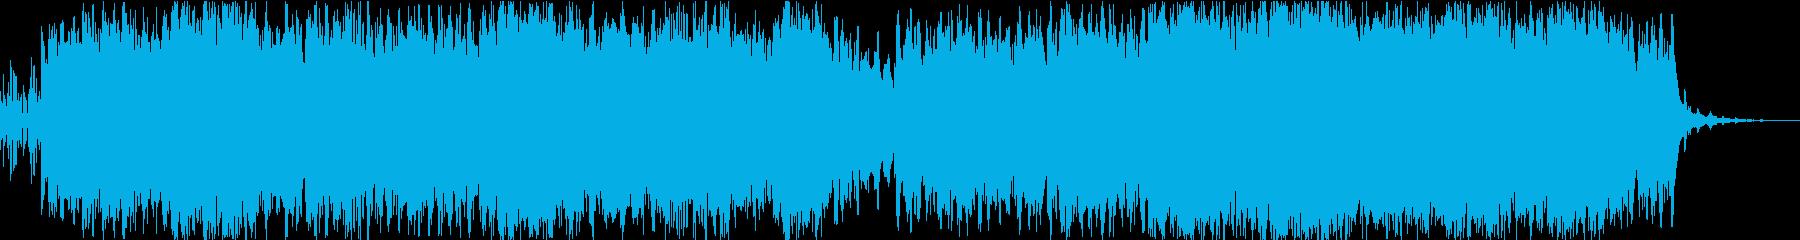 ハワイの海の伝説 ウクレレ 壮大な歌 の再生済みの波形